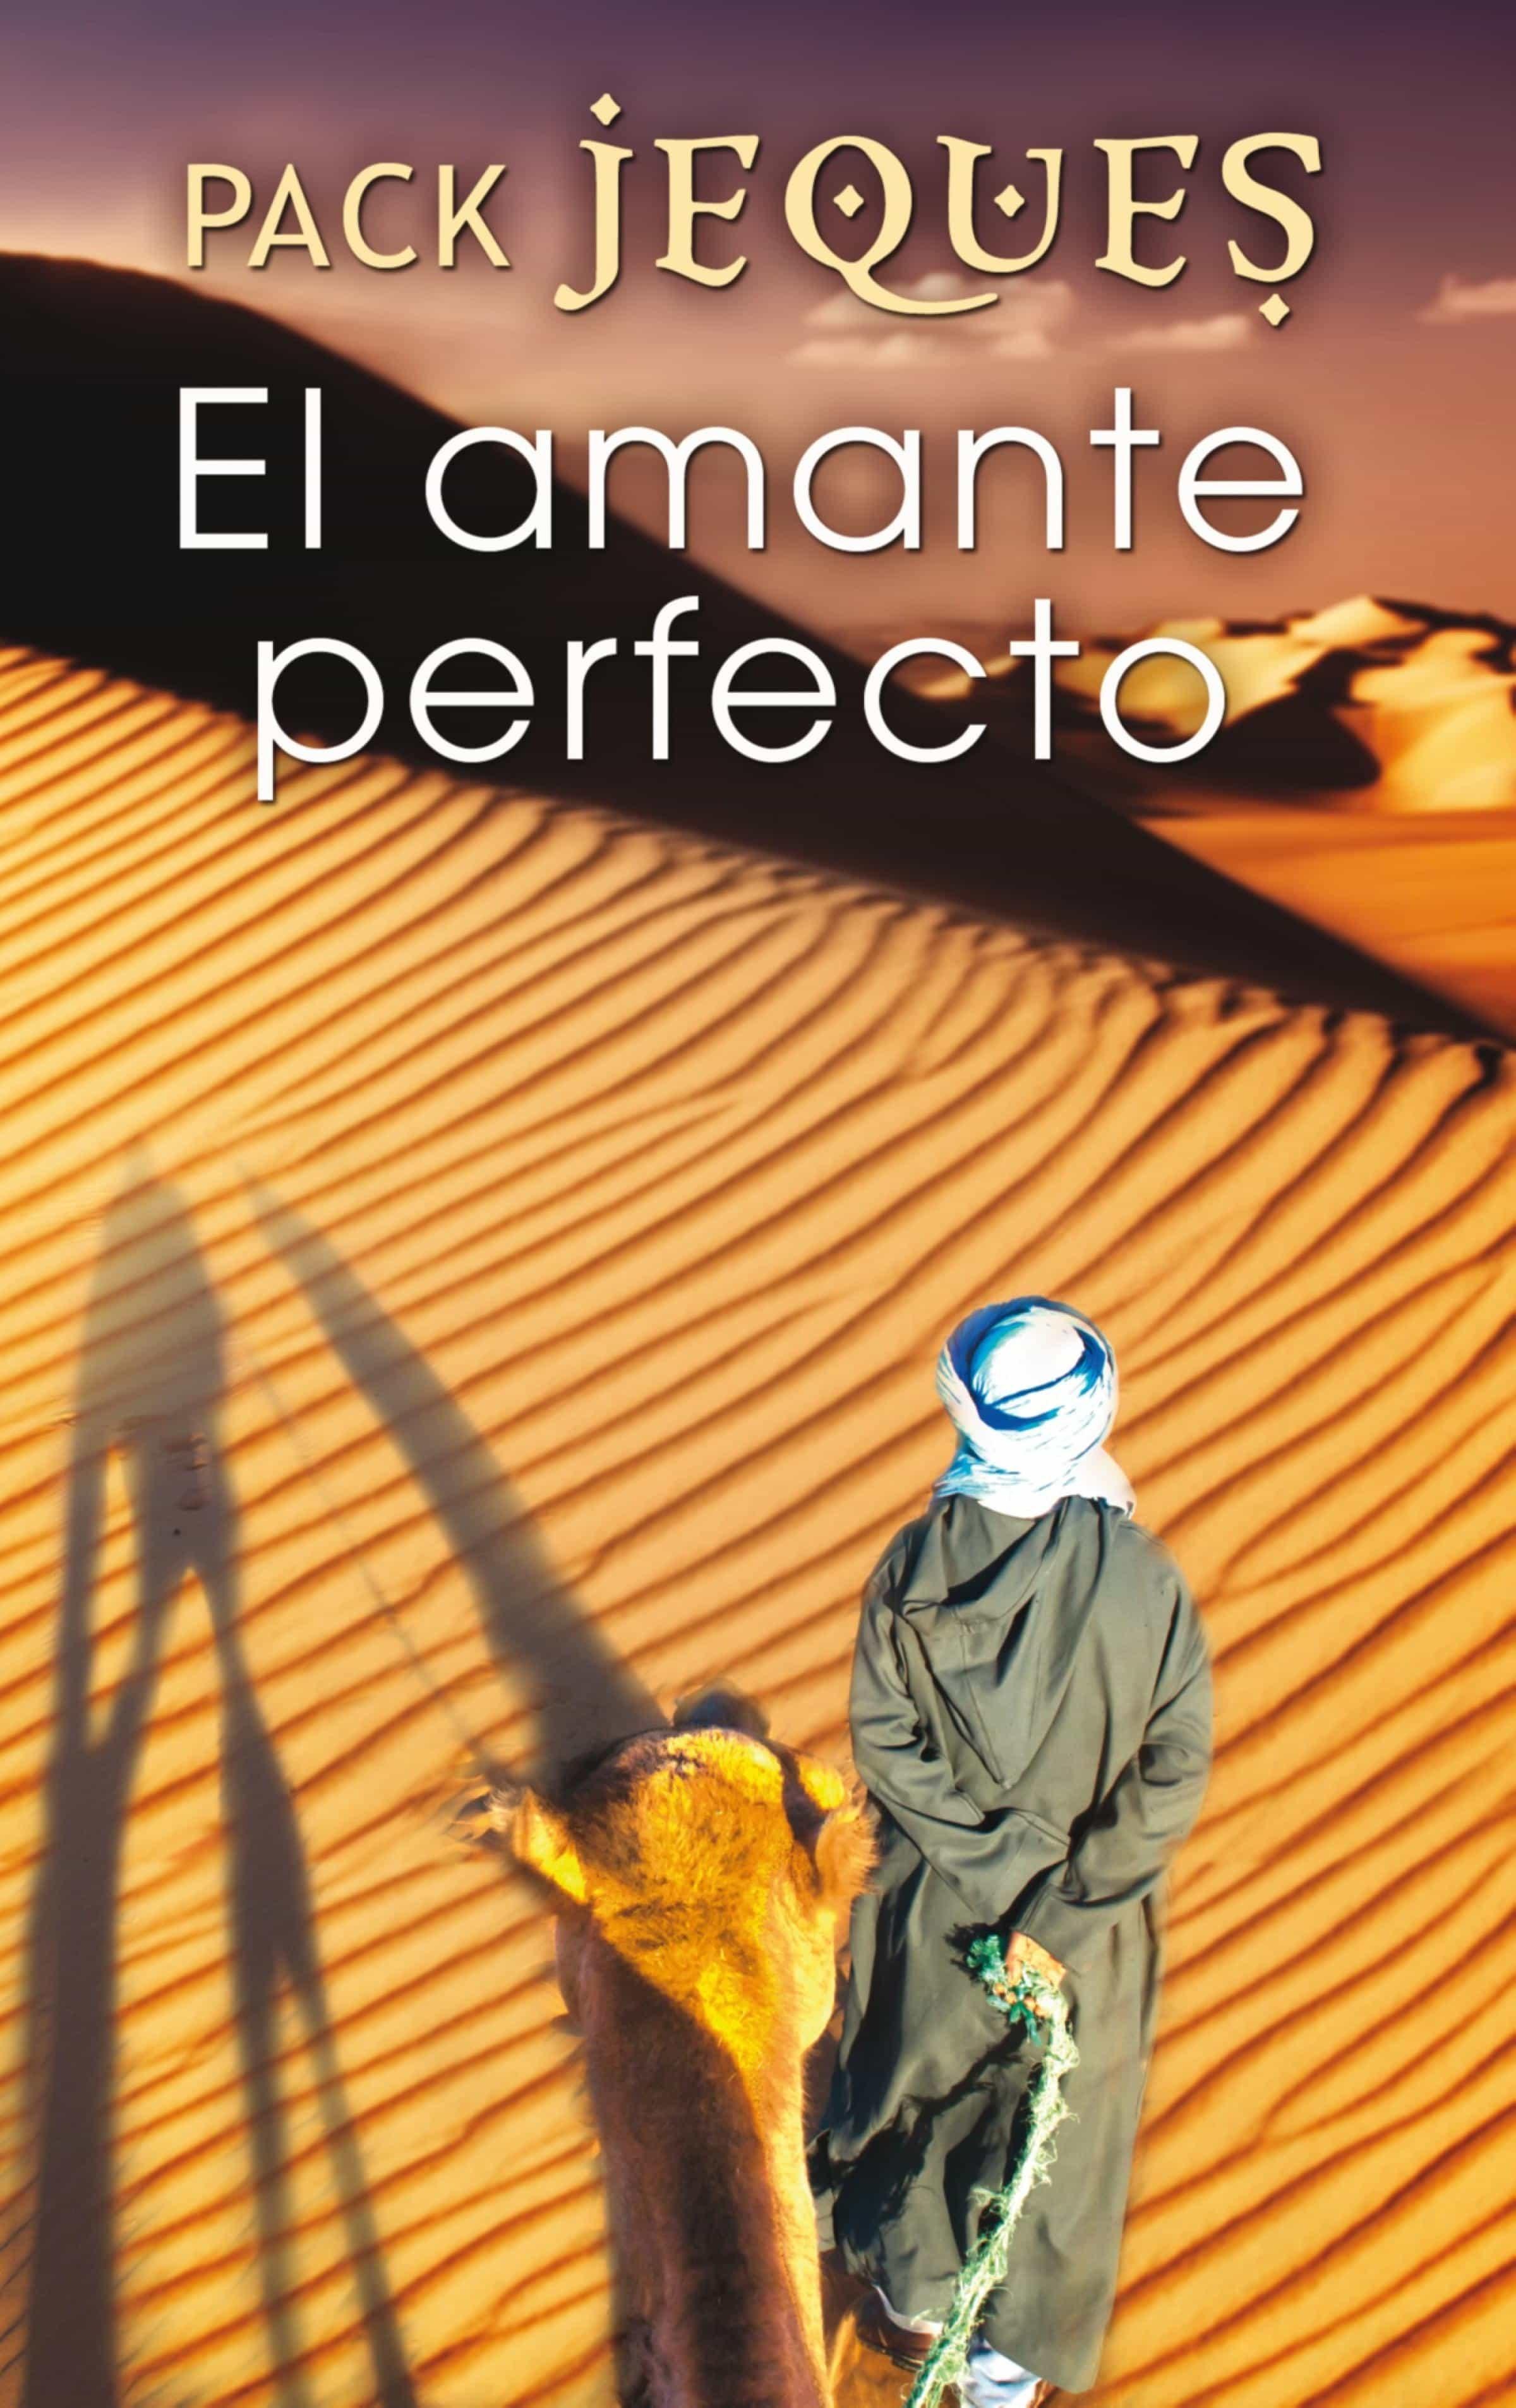 Pack jeques el amante perfecto ebook 9788468761800